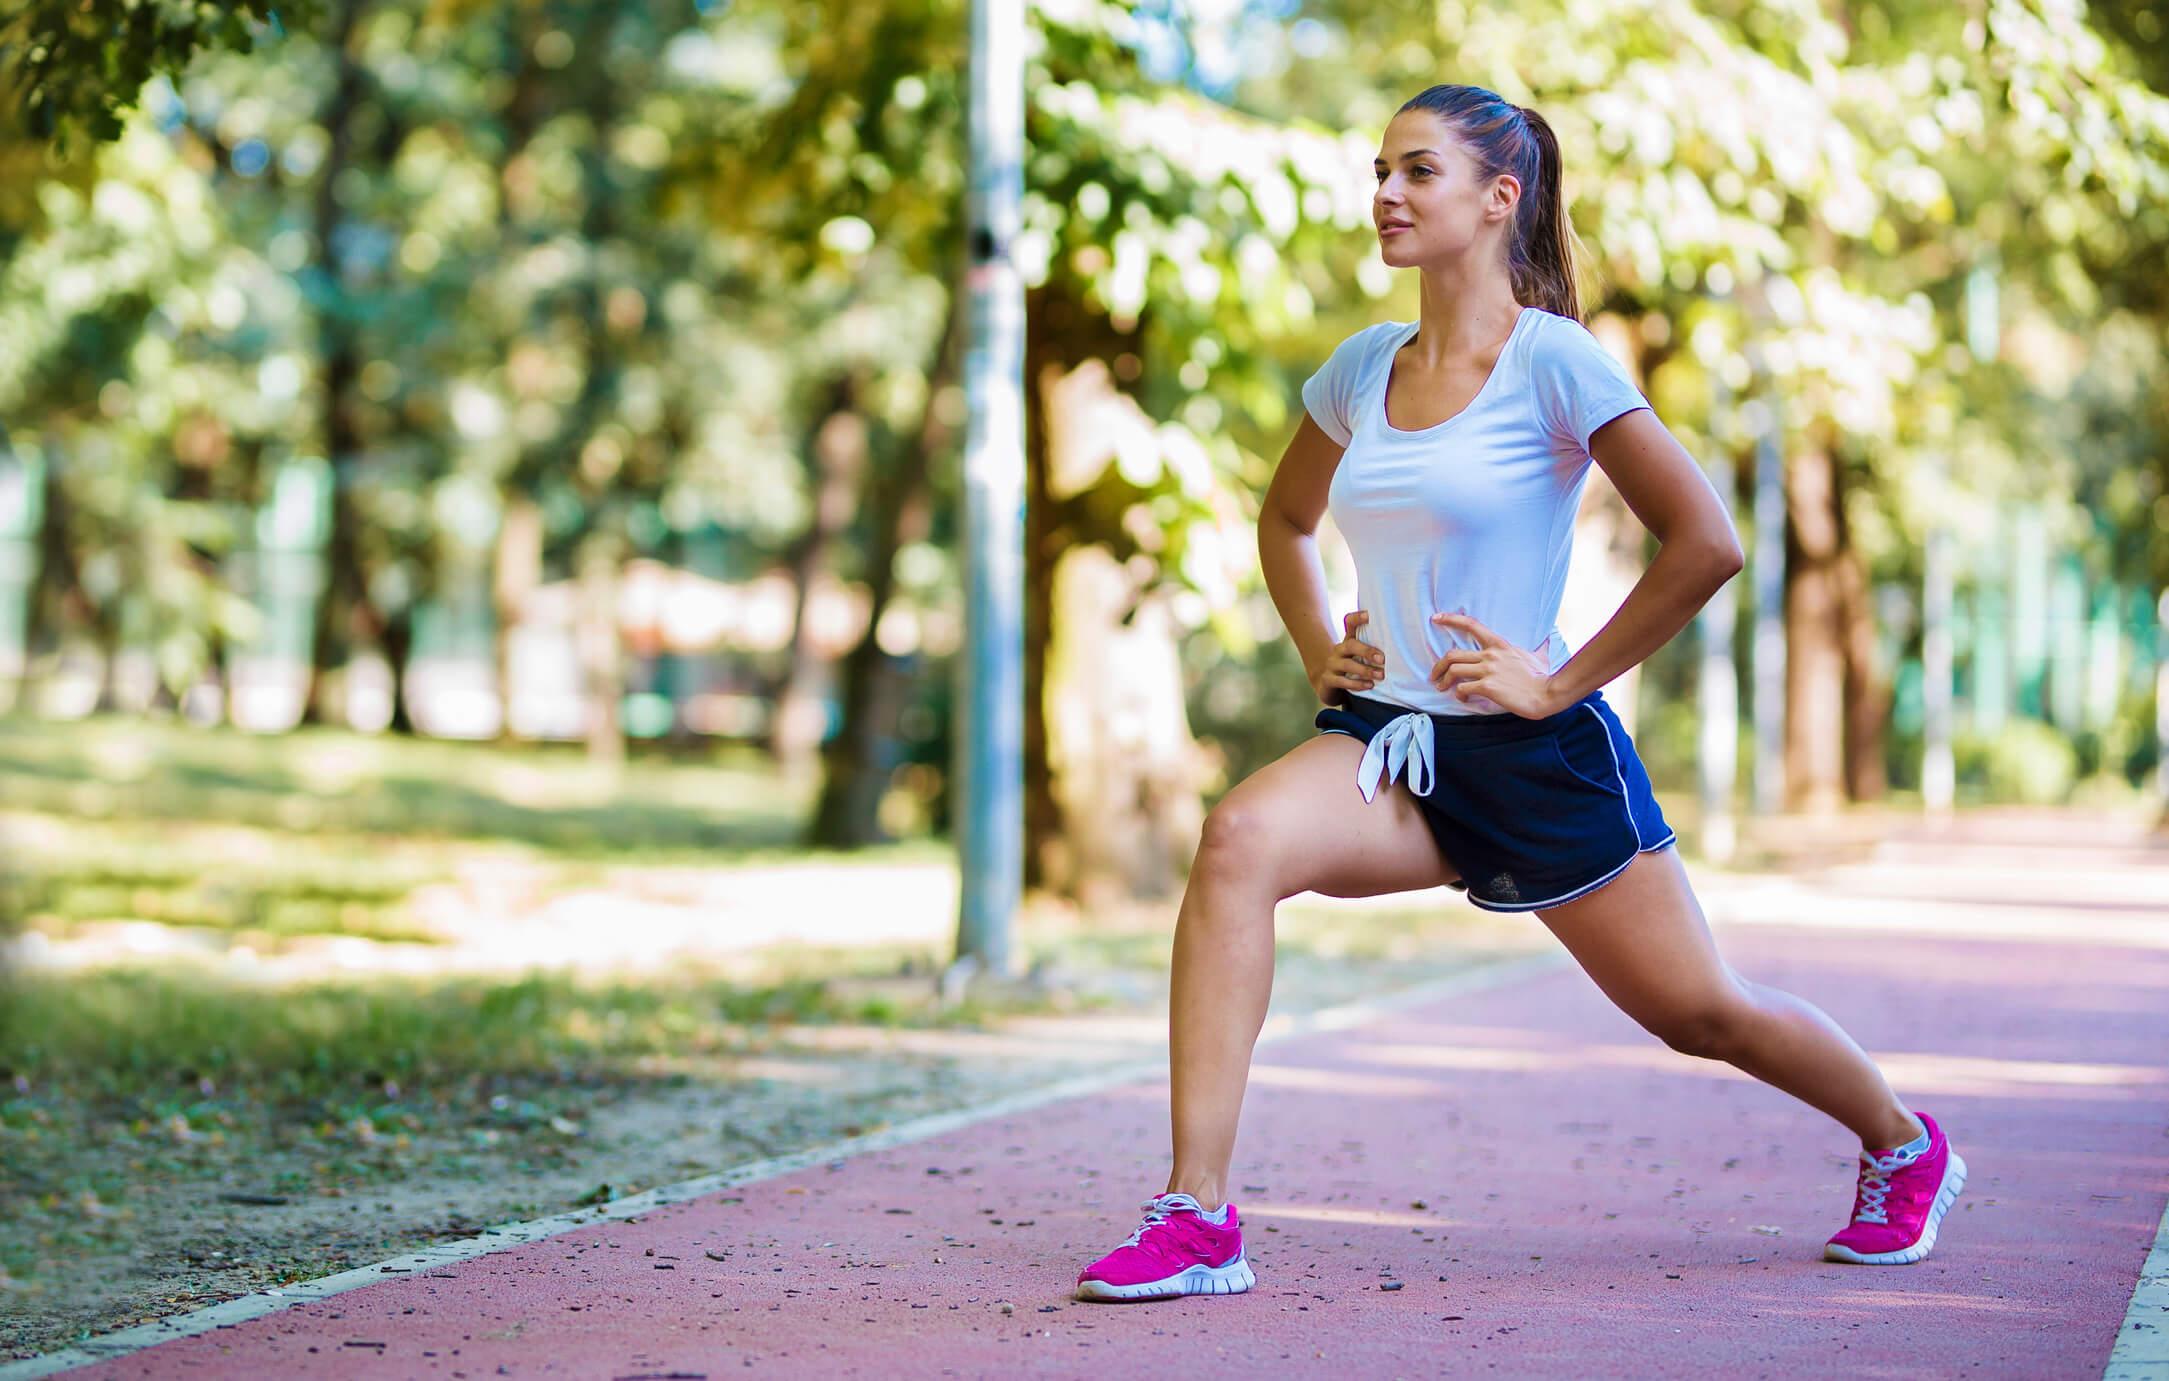 Existe um mito que diz que as pessoas altamente saudáveis possuem hábitos rigorosos e fazem muitos sacrifícios, mas hoje vamos mostrar que não é bem assim! Veja 7 hábitos fáceis de incorporar à sua rotina que vão deixar sua vida mais saudável!